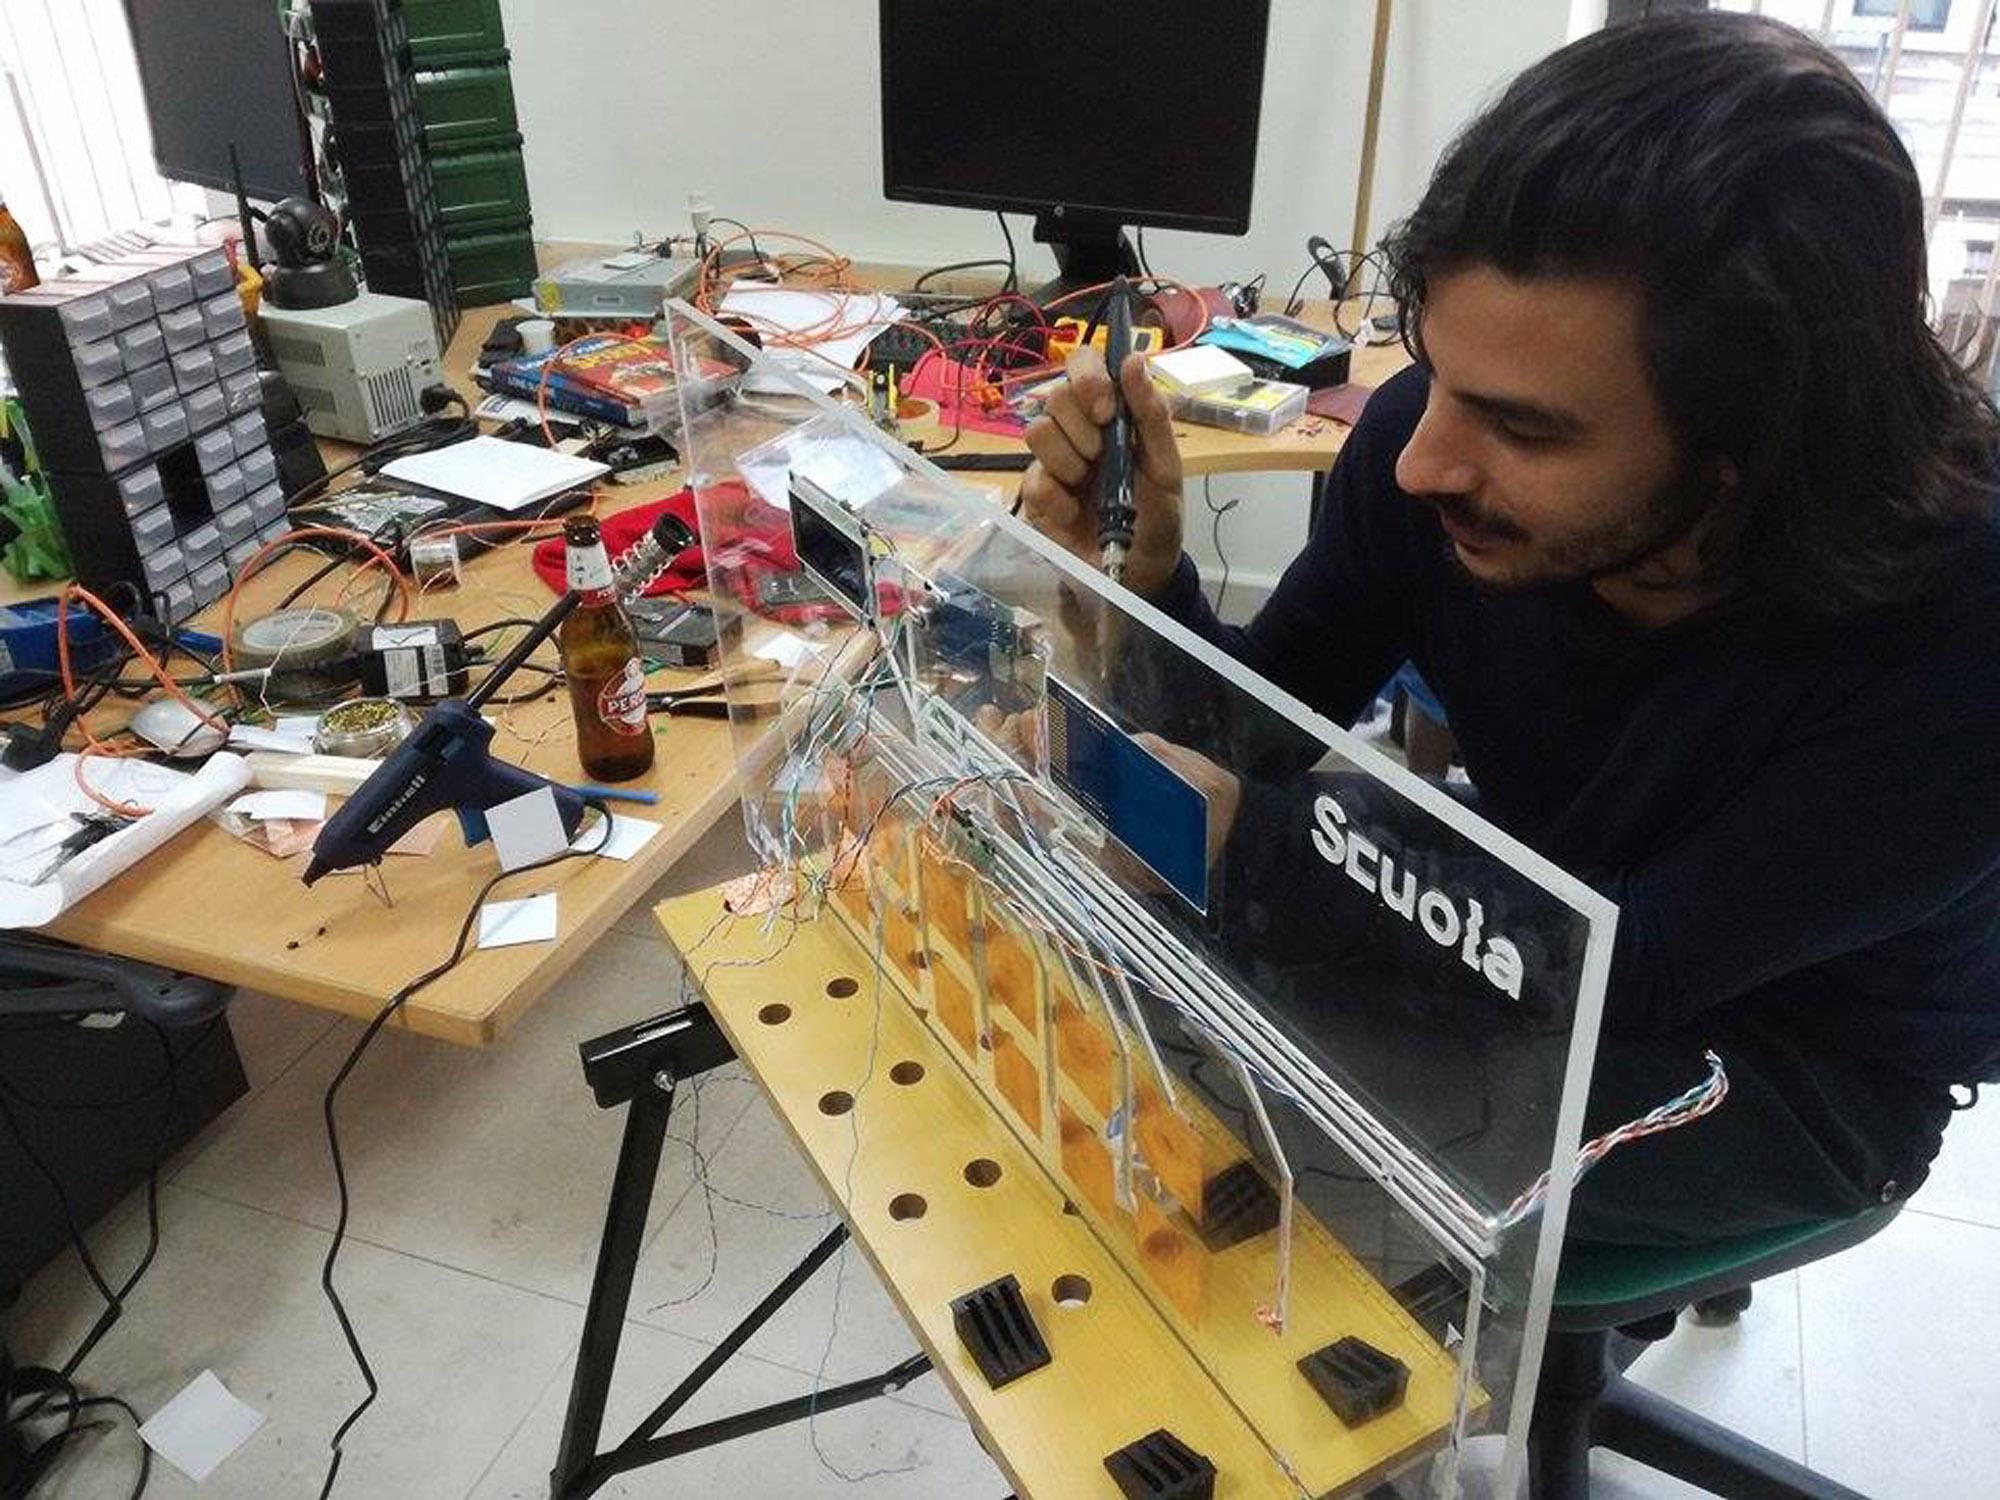 La Scuola Open Source, Bari. Photo courtesy La Scuola Open Source